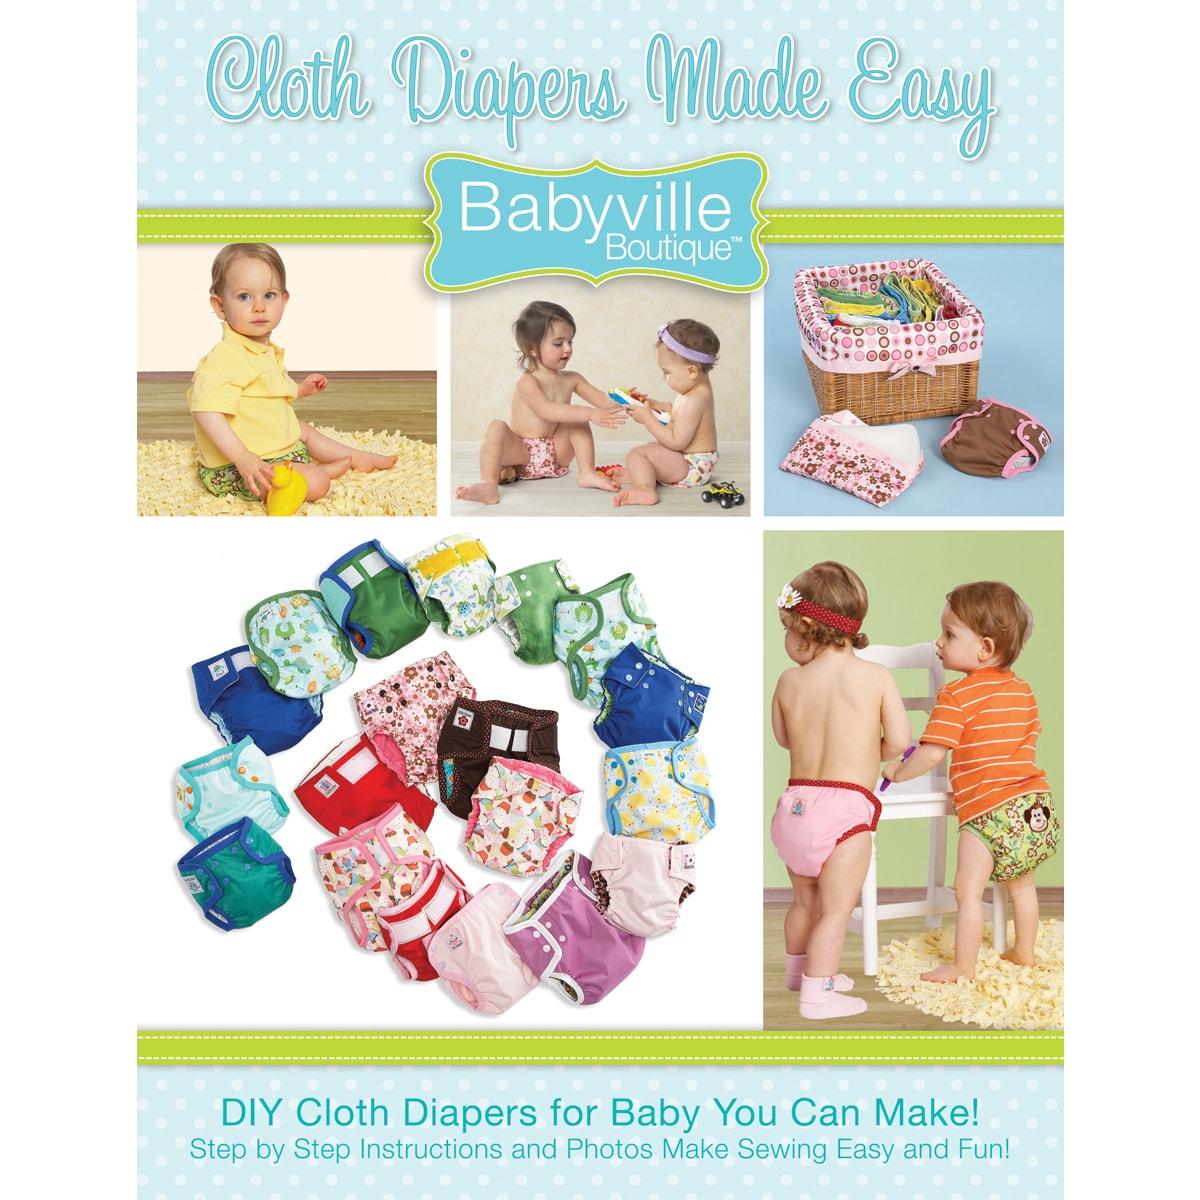 PRYM-DRITZ CORP Babyville Boutique Pattern & Instruction ...